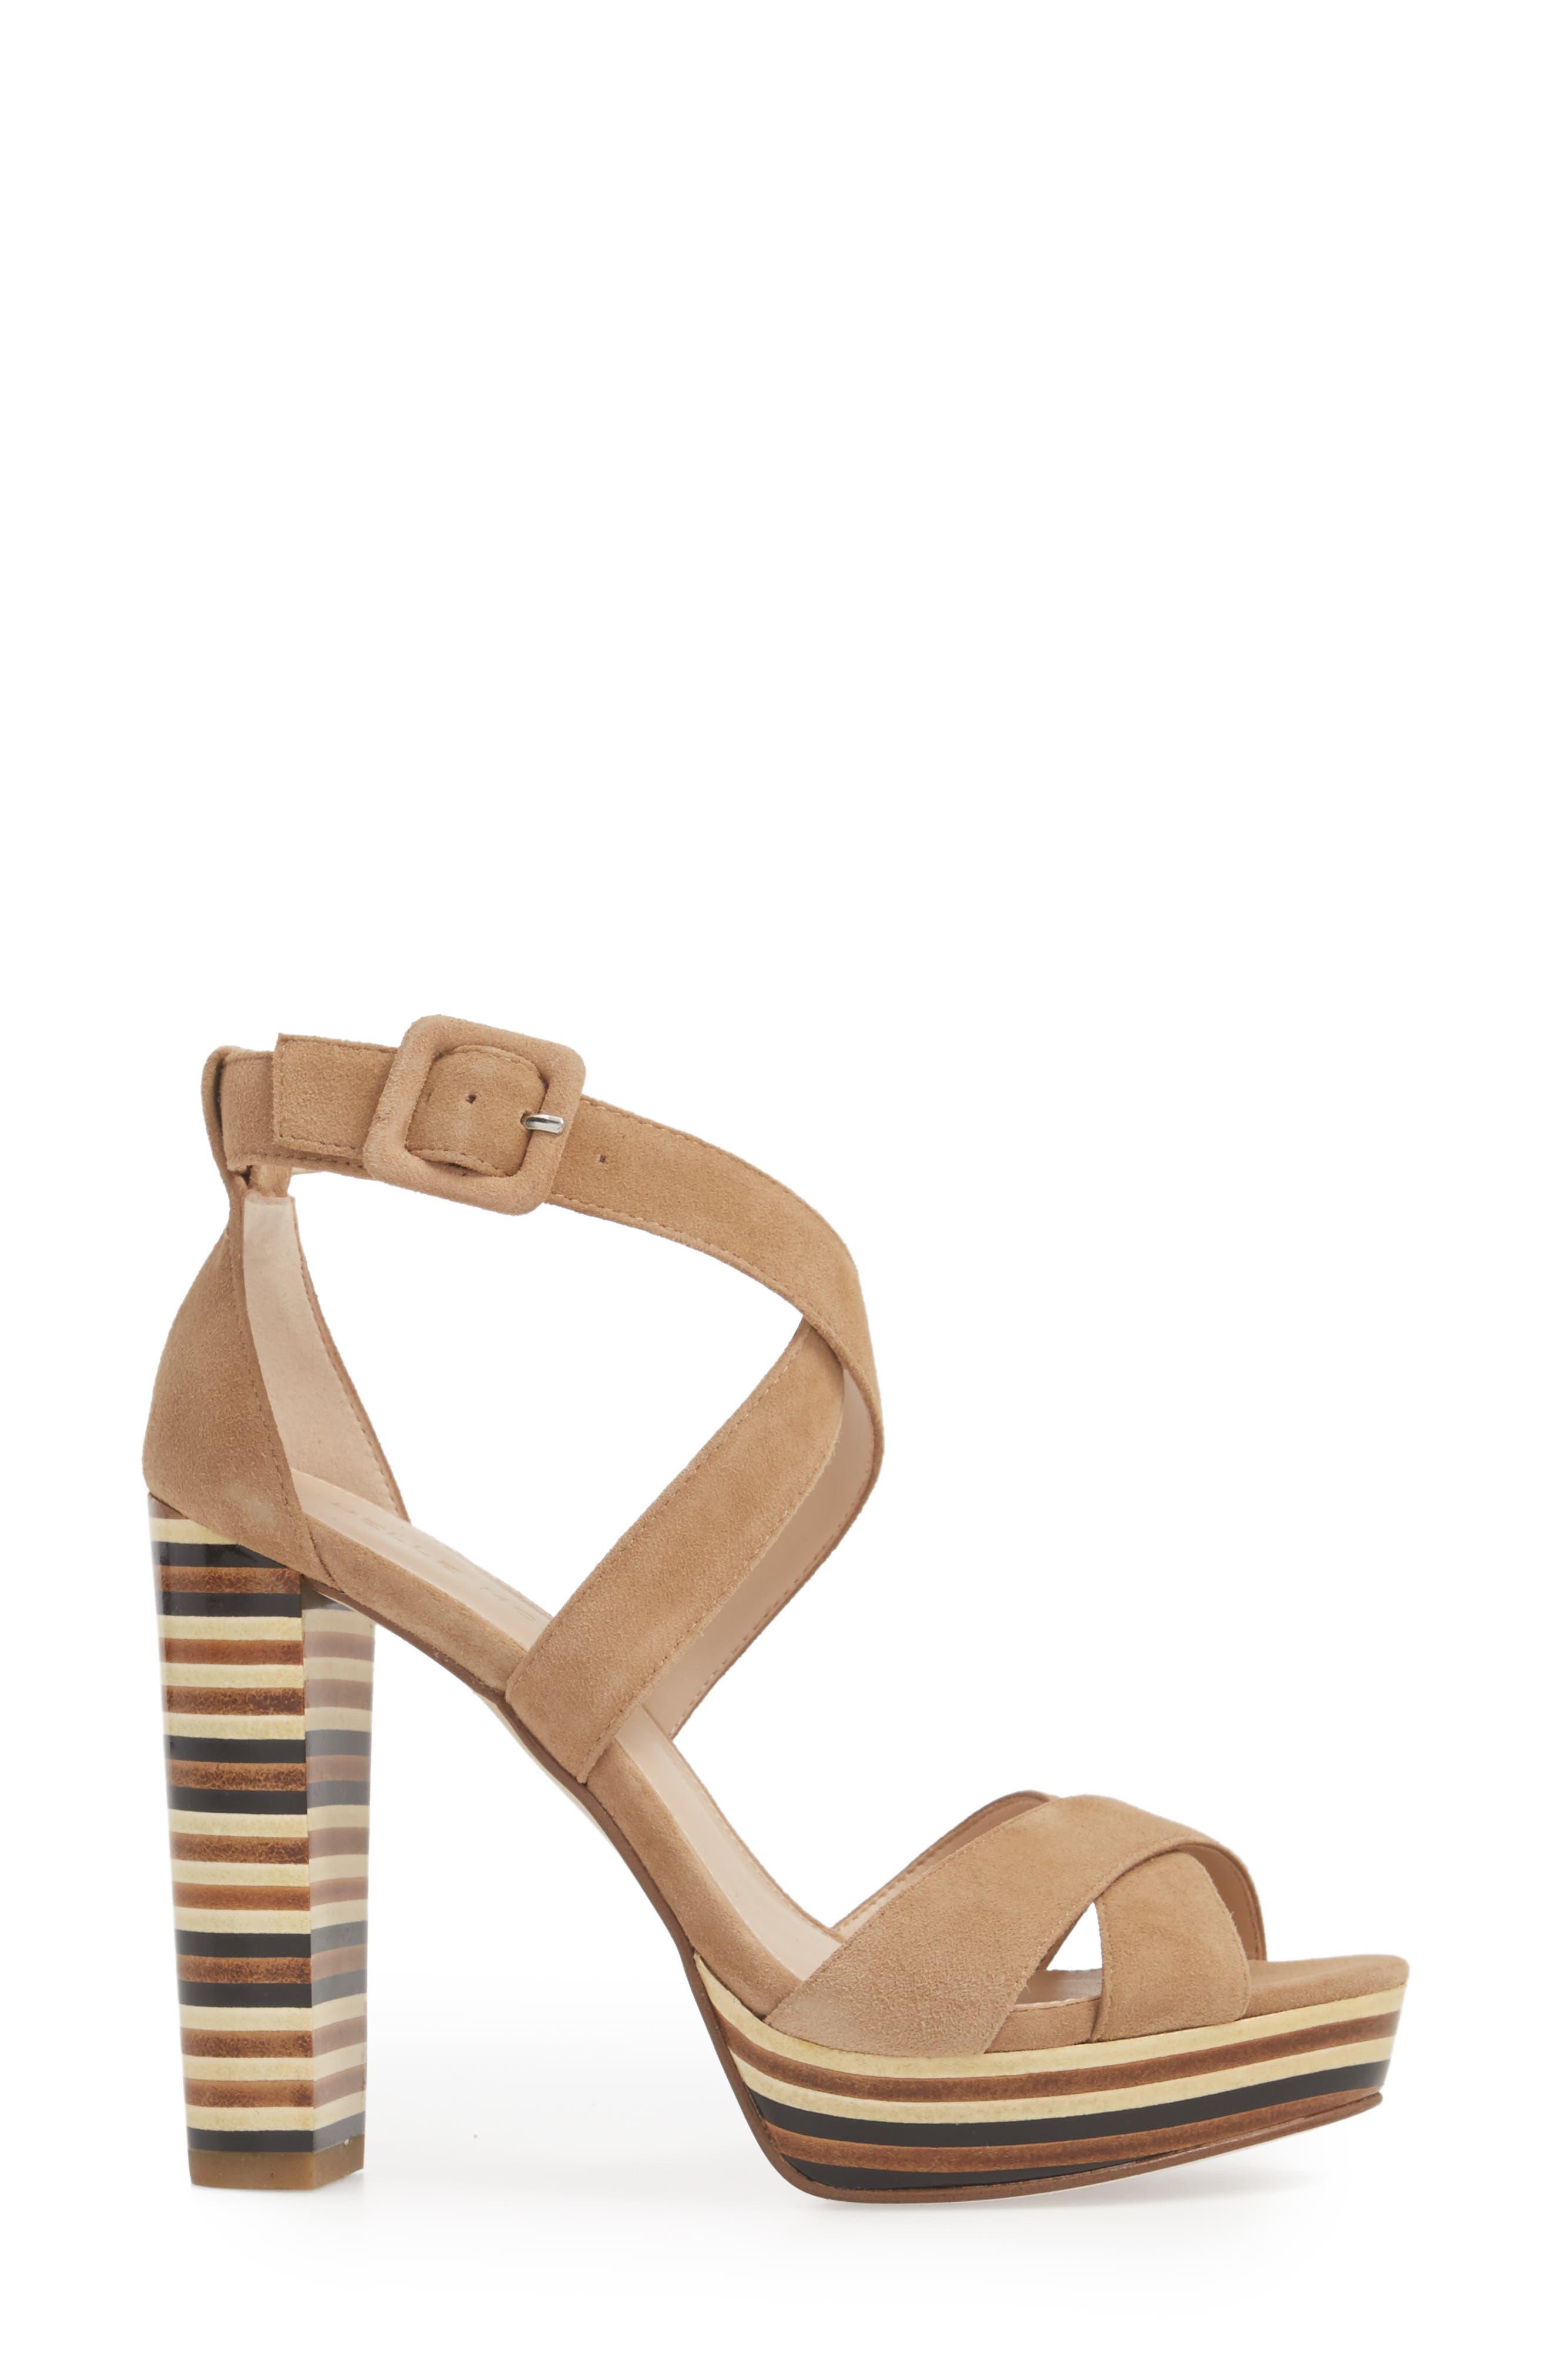 Panama Platform Sandal,                             Alternate thumbnail 3, color,                             LATTE SUEDE